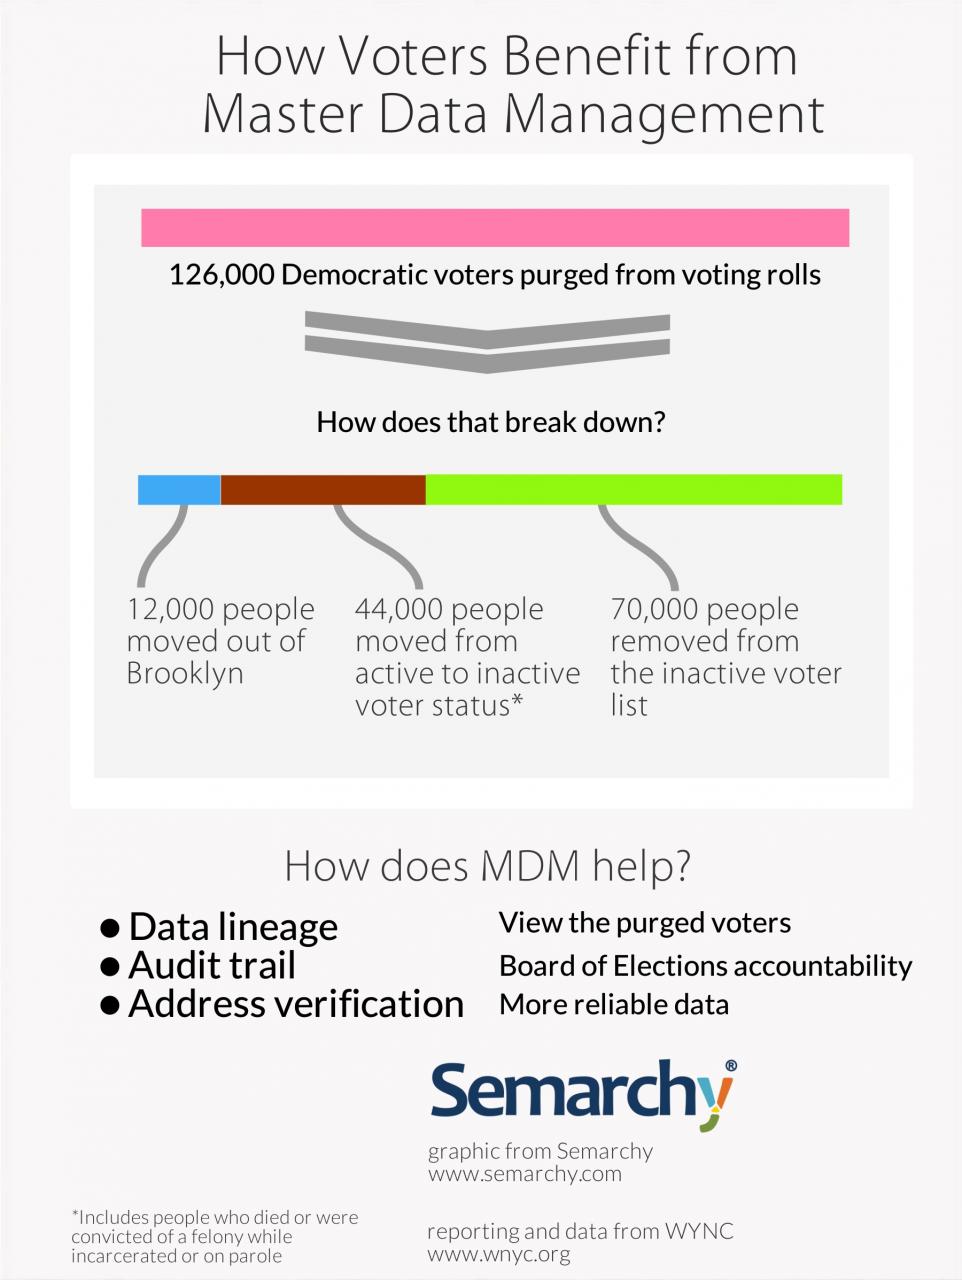 VotersBenefitFromMDM